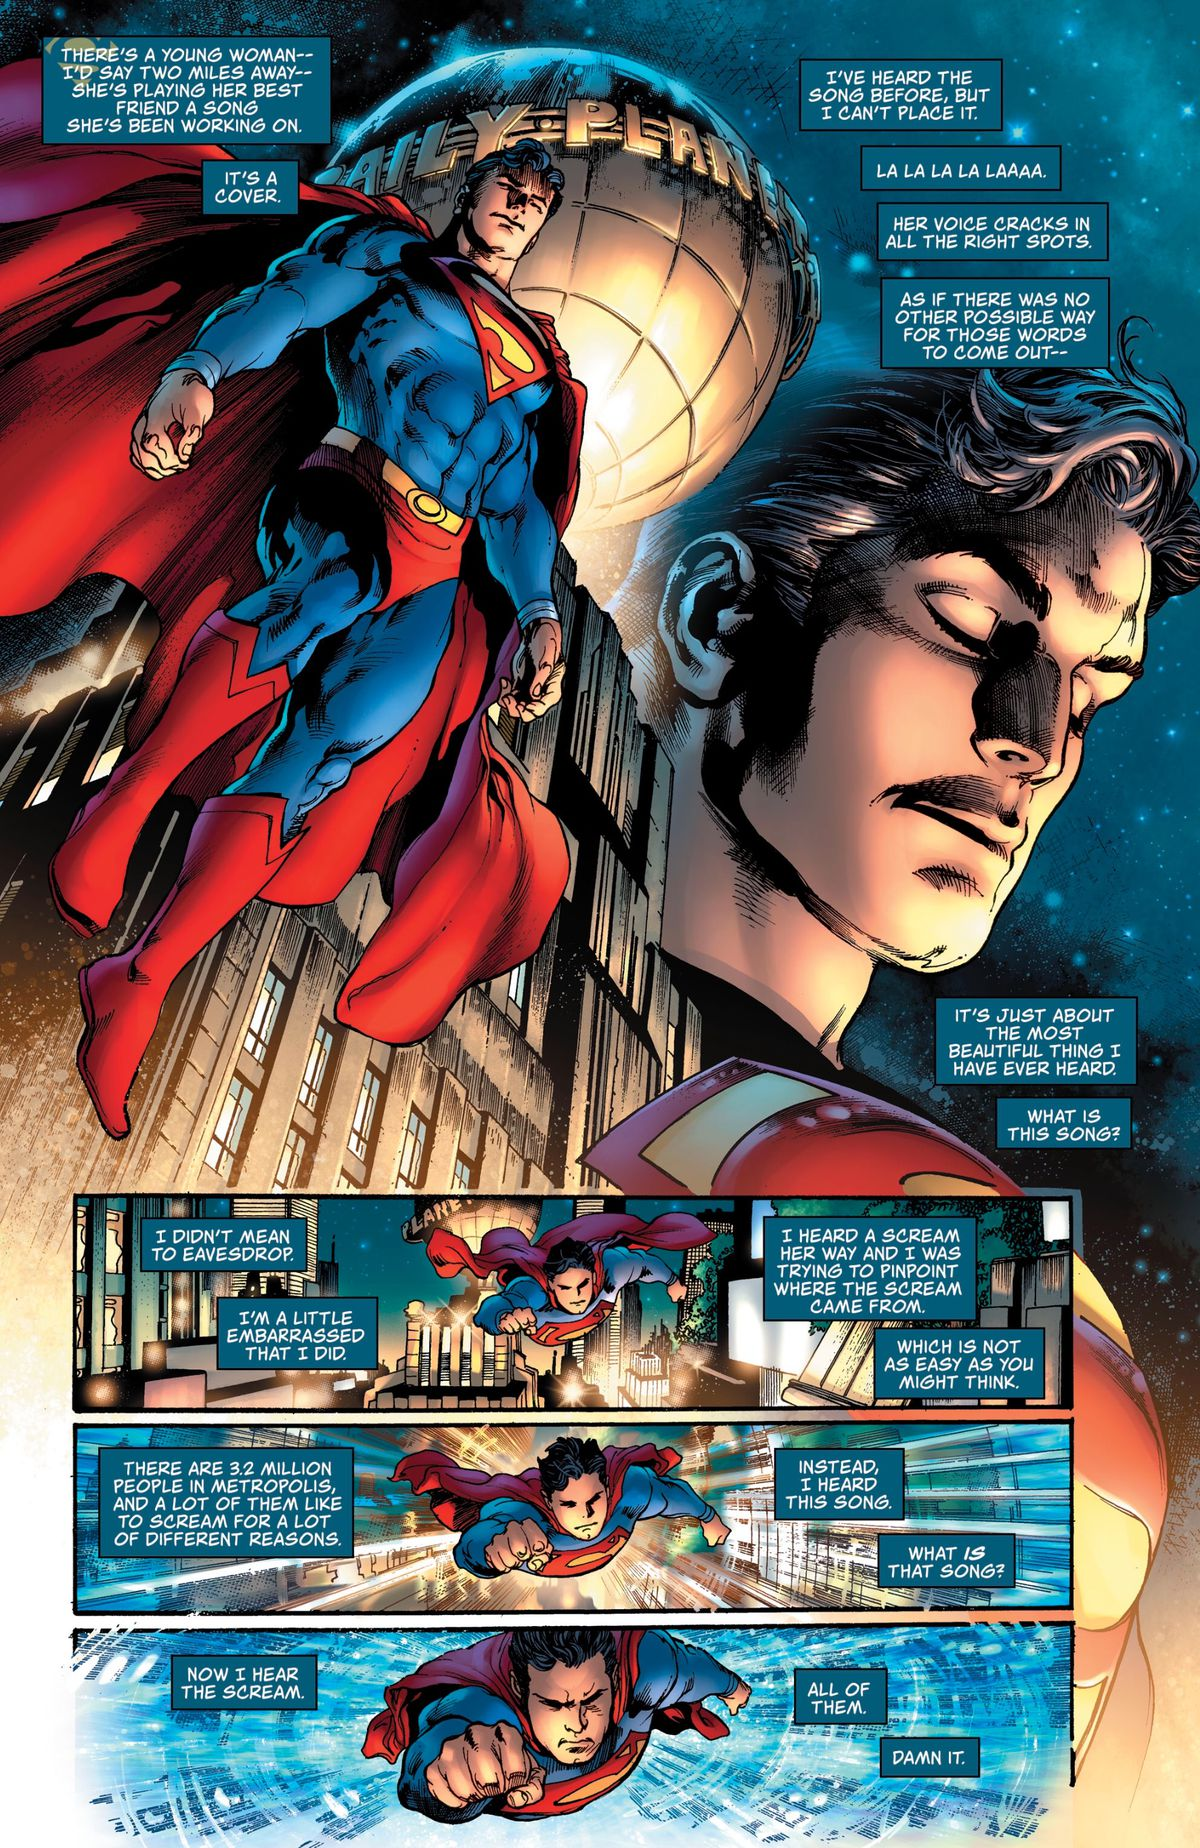 钢铁之王#1不仅仅是一个新的超人系列 - 它是一个新的超人时代